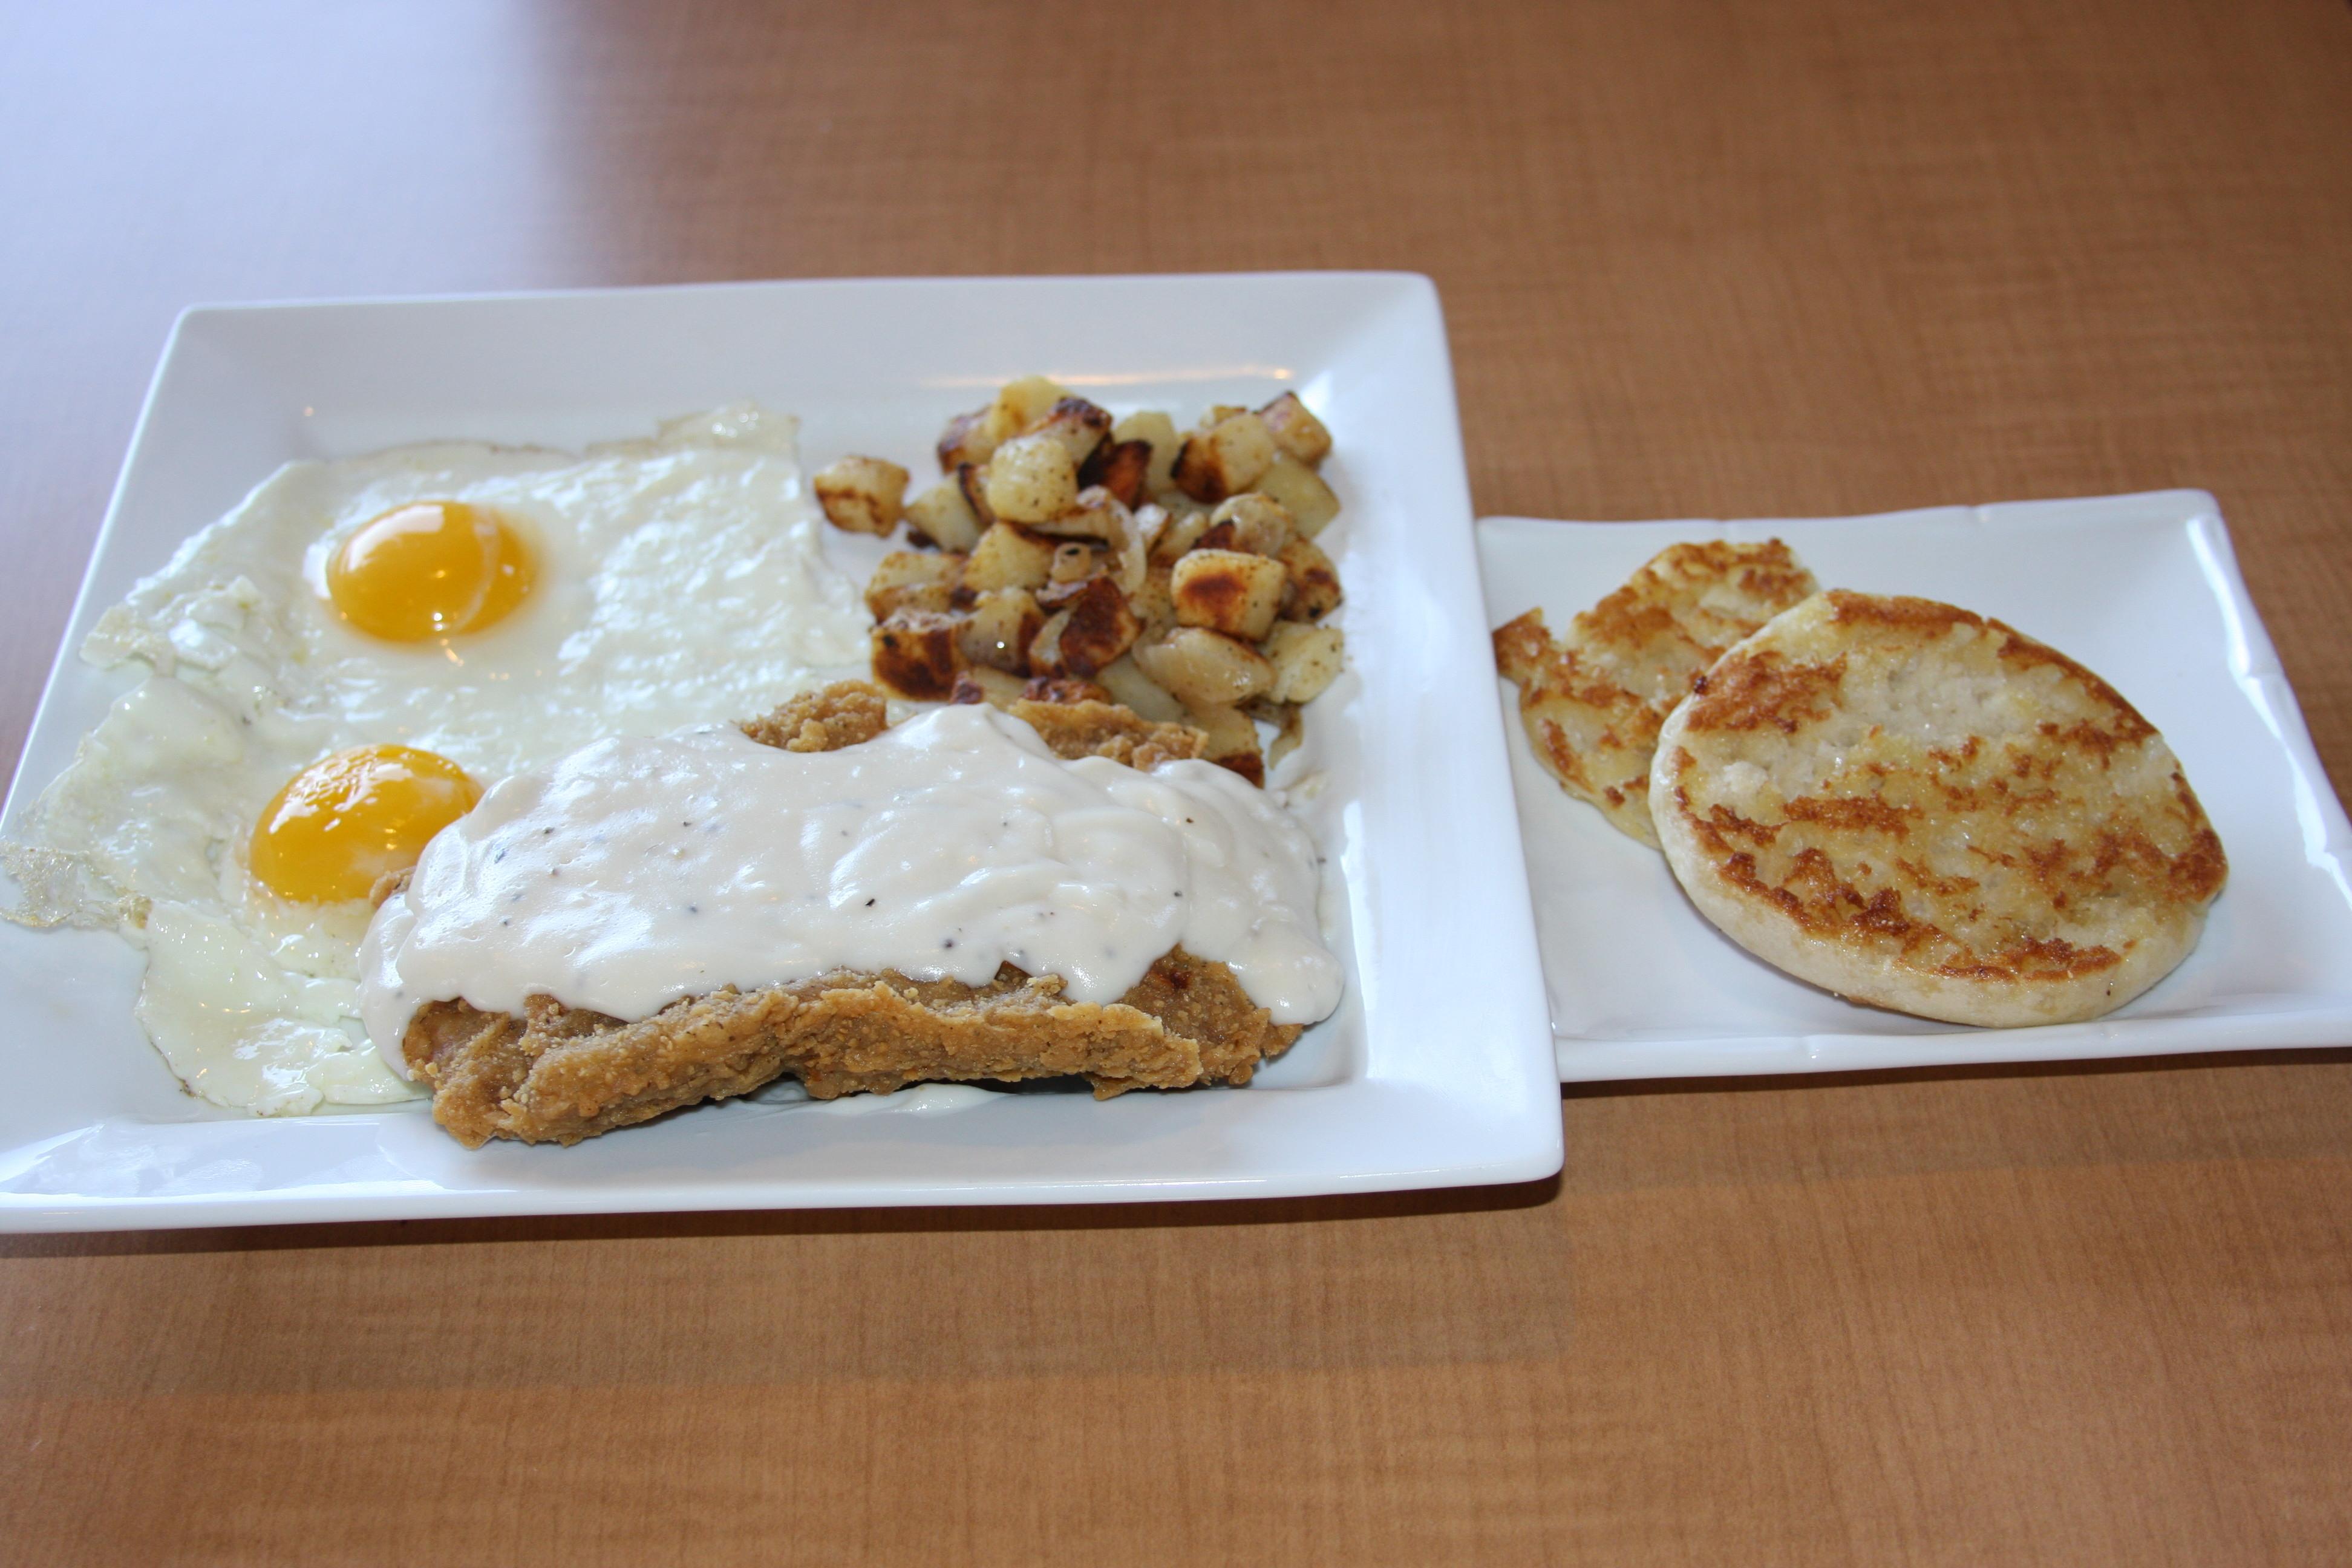 Korner Cafe image 7